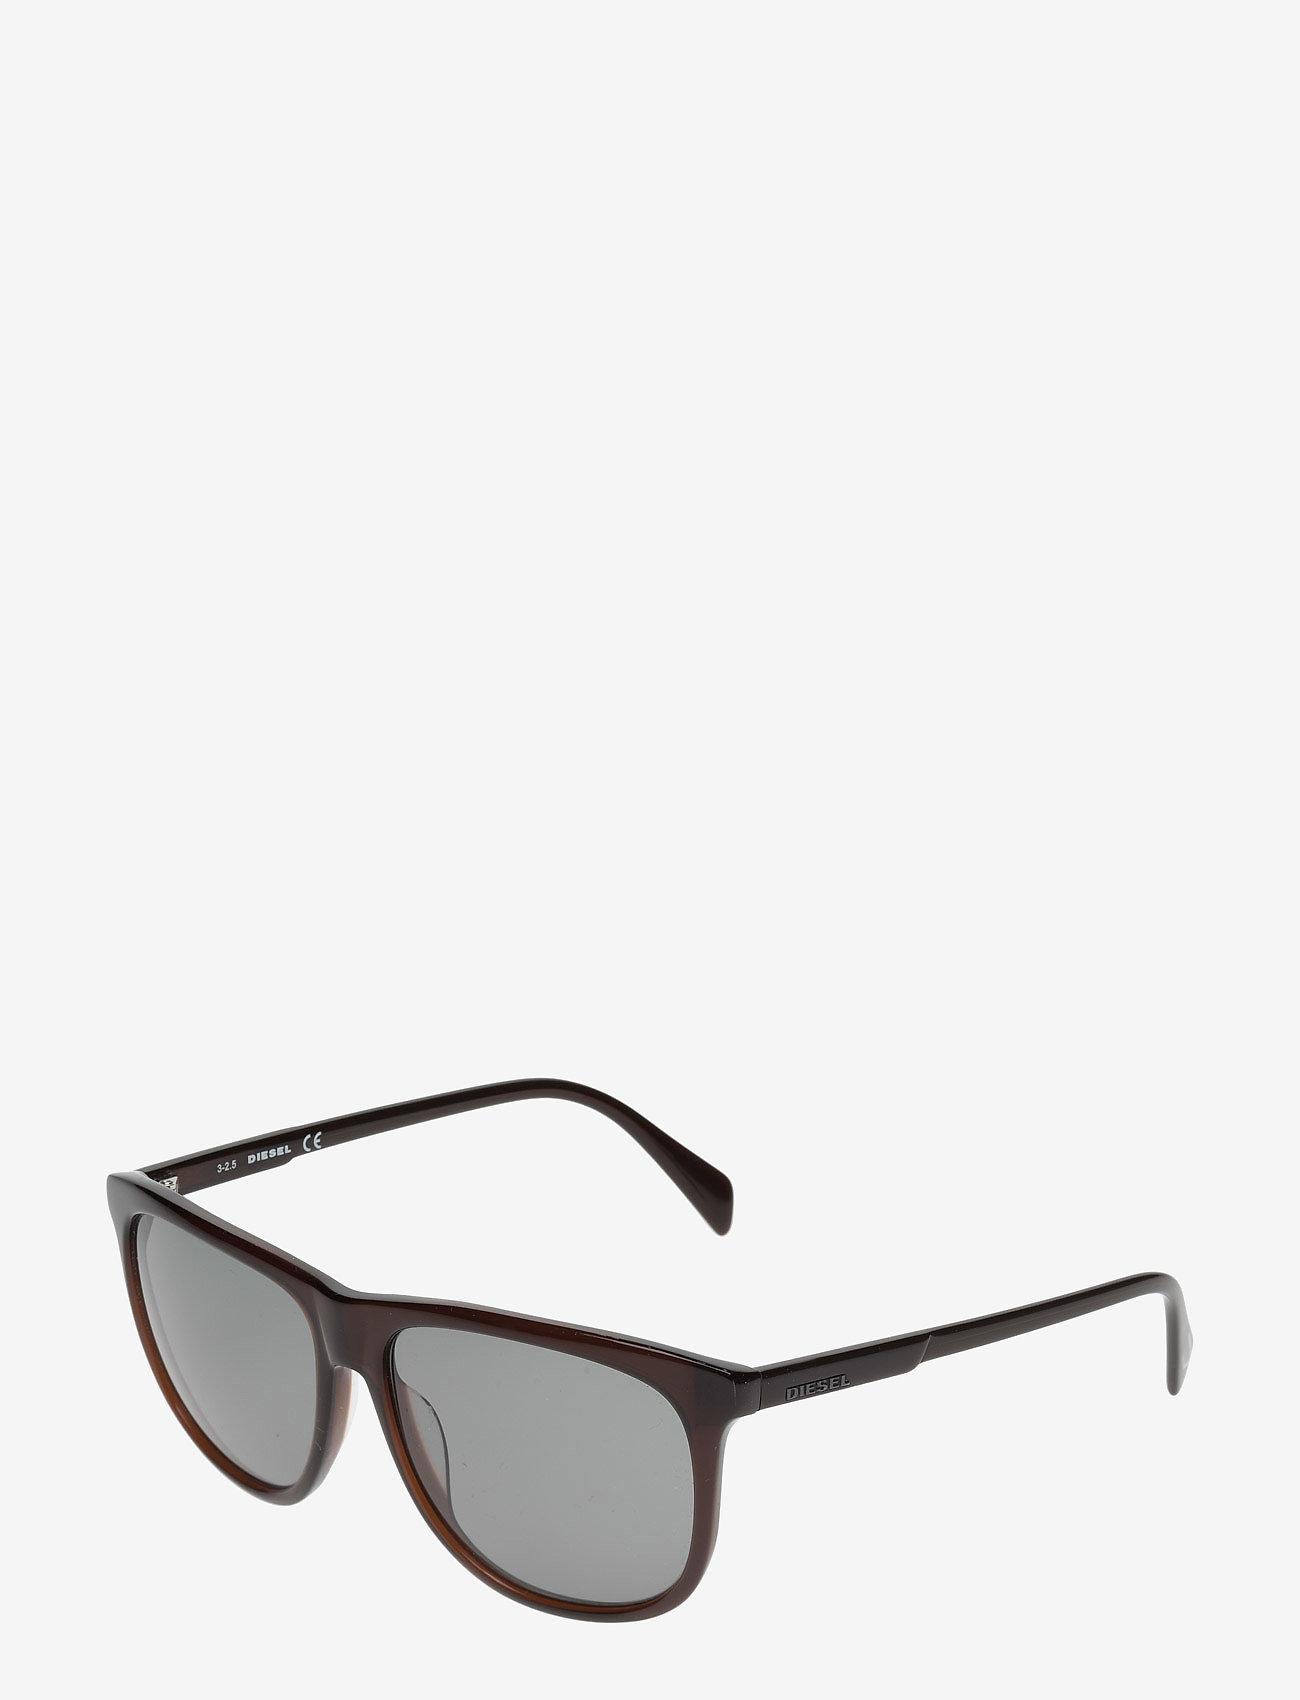 Diesel - DL0155 - okulary przeciwsłoneczne w kształcie litery d - 48n - shiny dark brown / green - 1